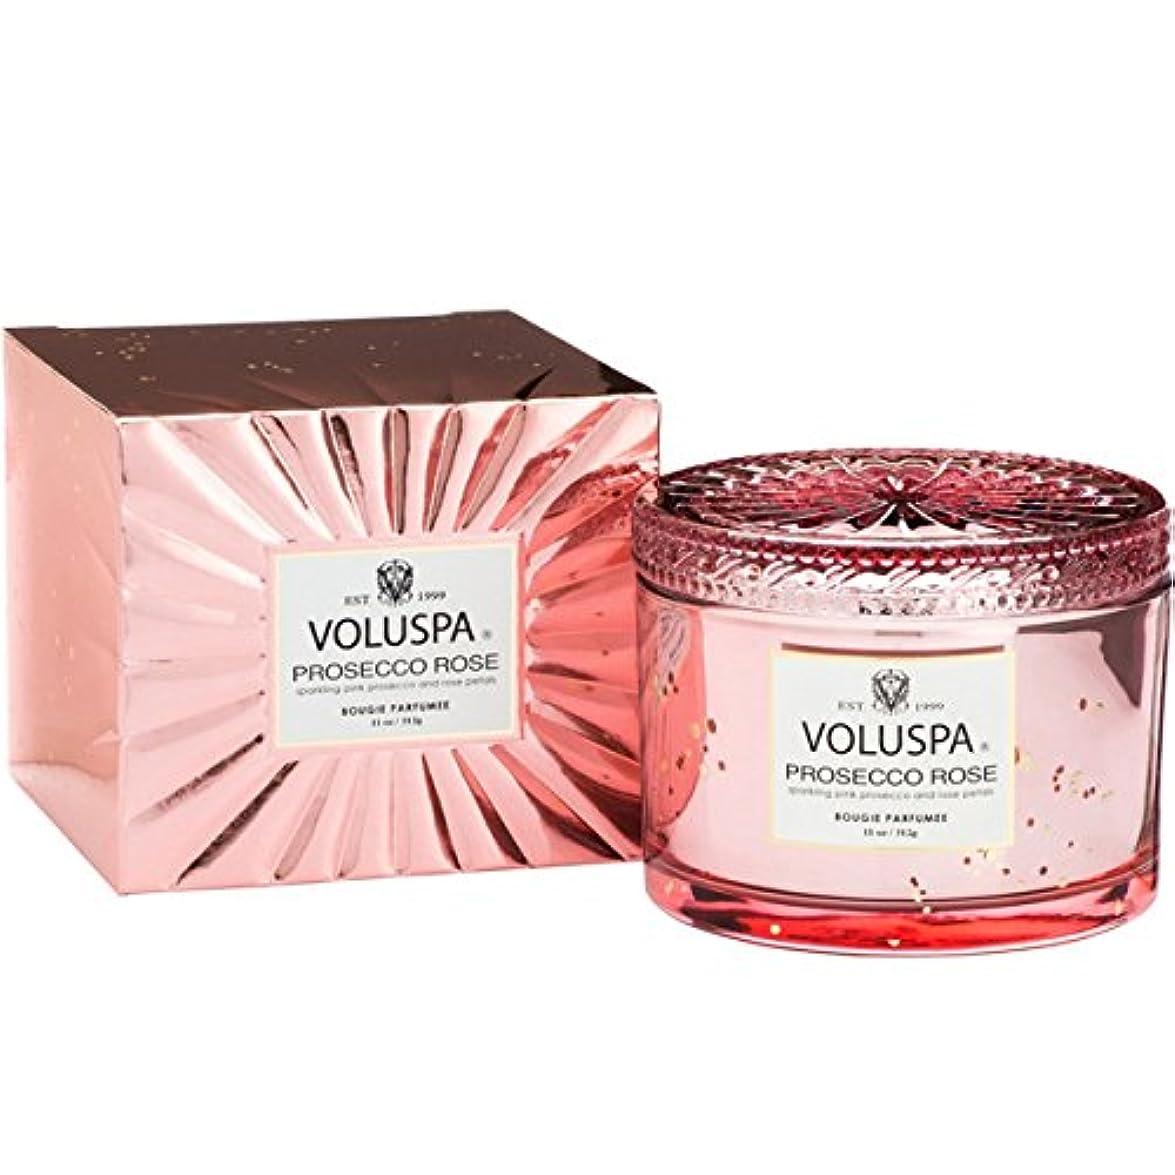 受粉する行商人スペイン語Voluspa ボルスパ ヴァーメイル ボックス入り グラスキャンドル フ?ロセッコロース? PROSECCO ROSE VERMEIL BOX Glass Candle